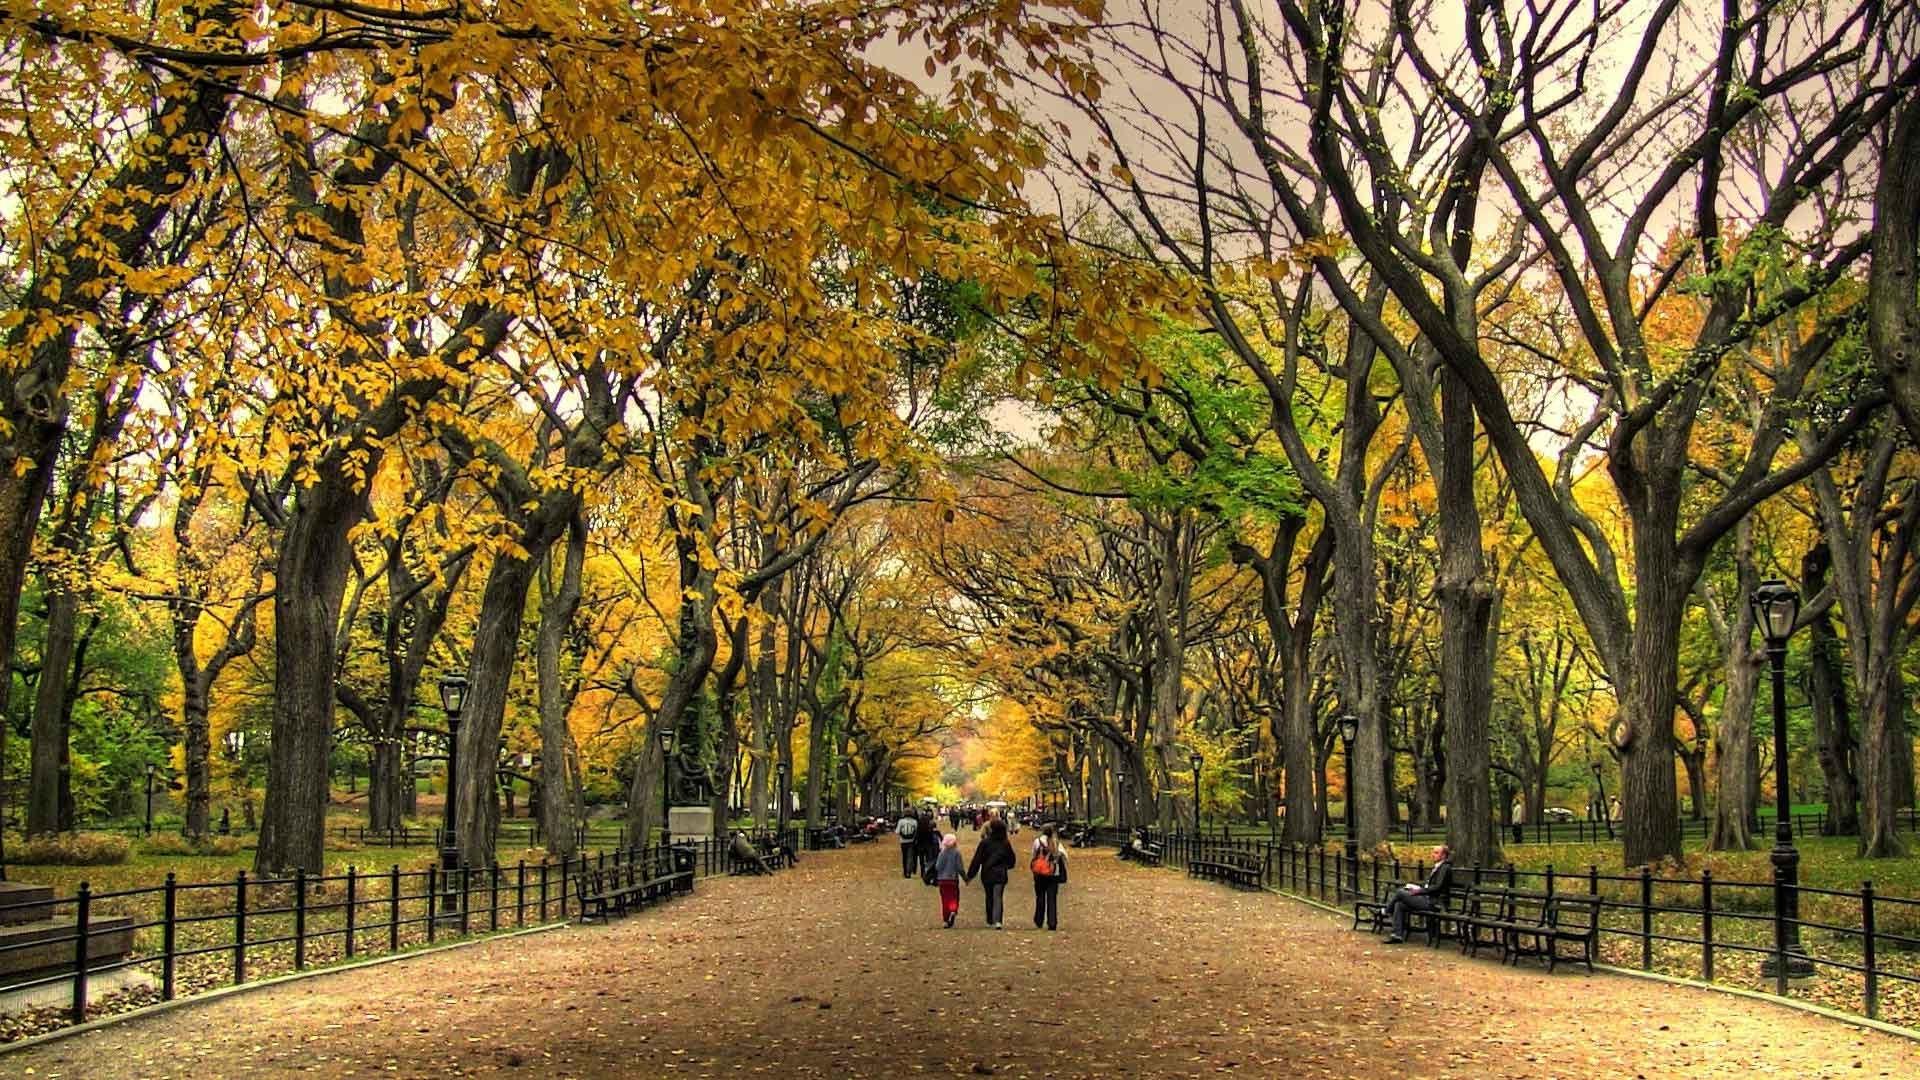 Landscapes Nature Landscape Beauty Autumn Central Park - Central Park Fall Desktop - HD Wallpaper